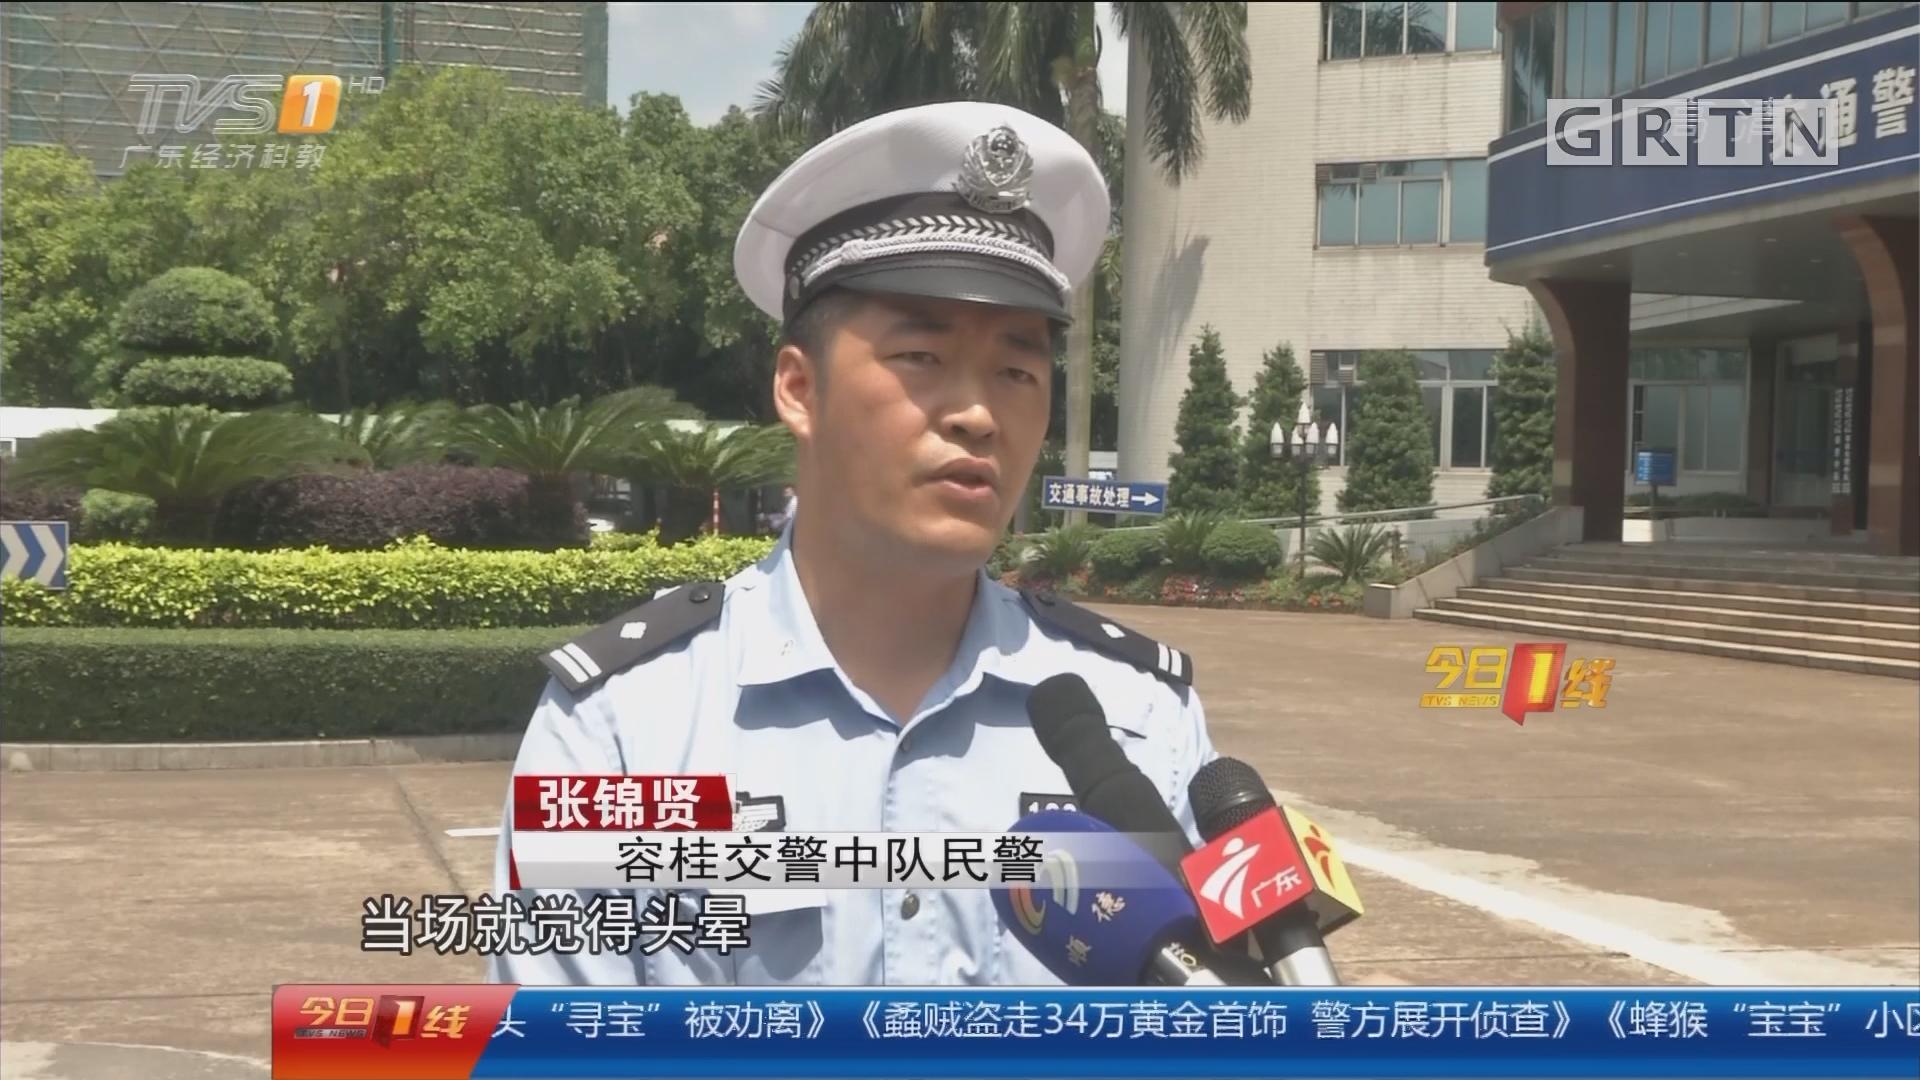 """顺德:违法上路遇查车 司机""""拳王上身""""被刑拘"""